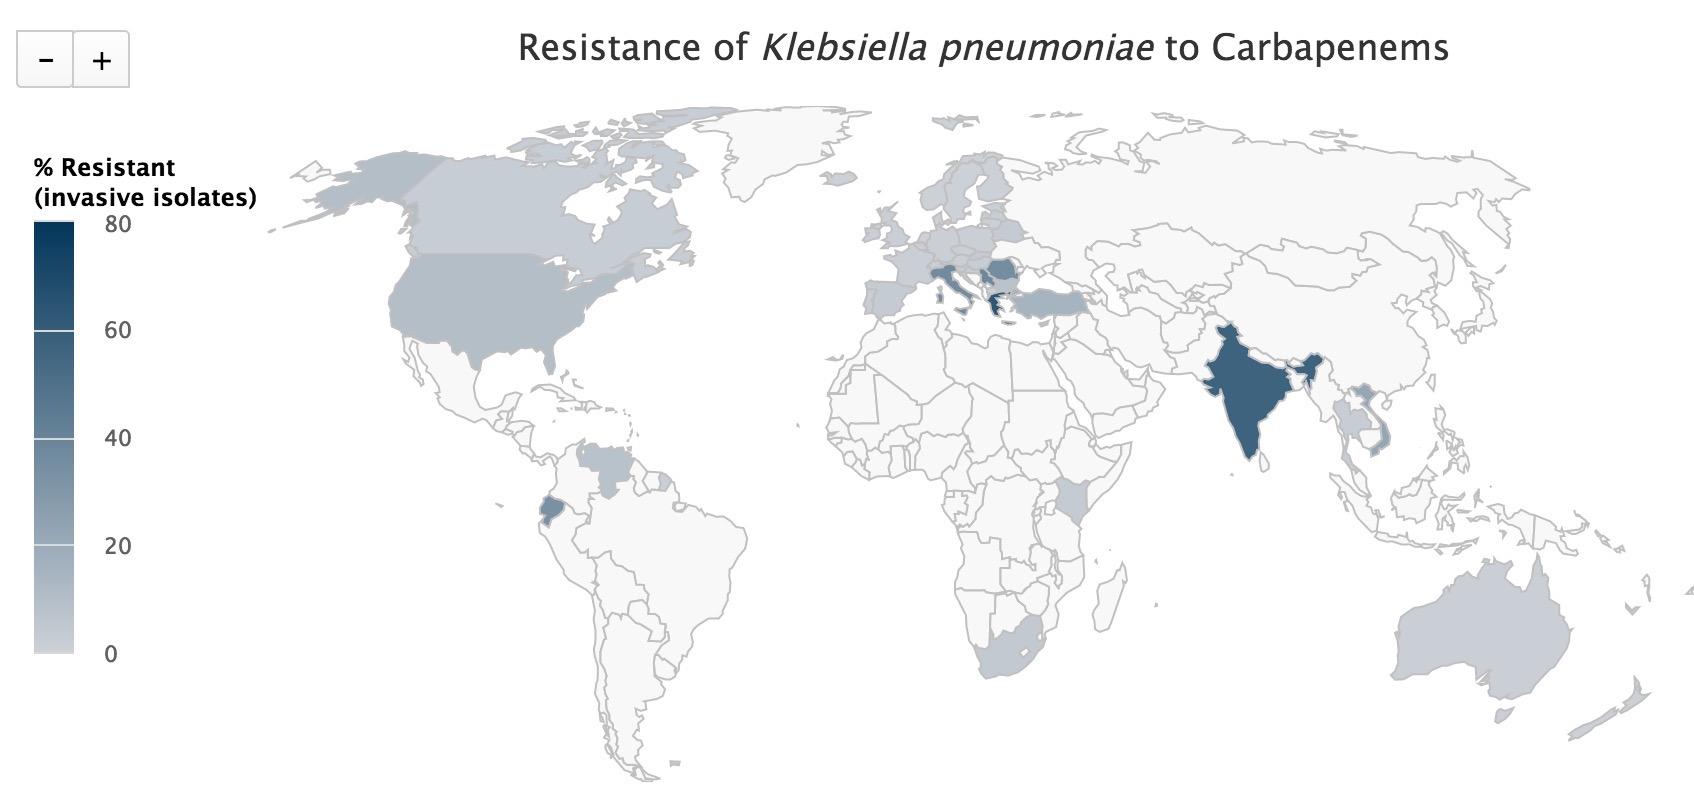 Việt Nam: 22%, 172 trường hợp kháng đã được kiểm nghiệm